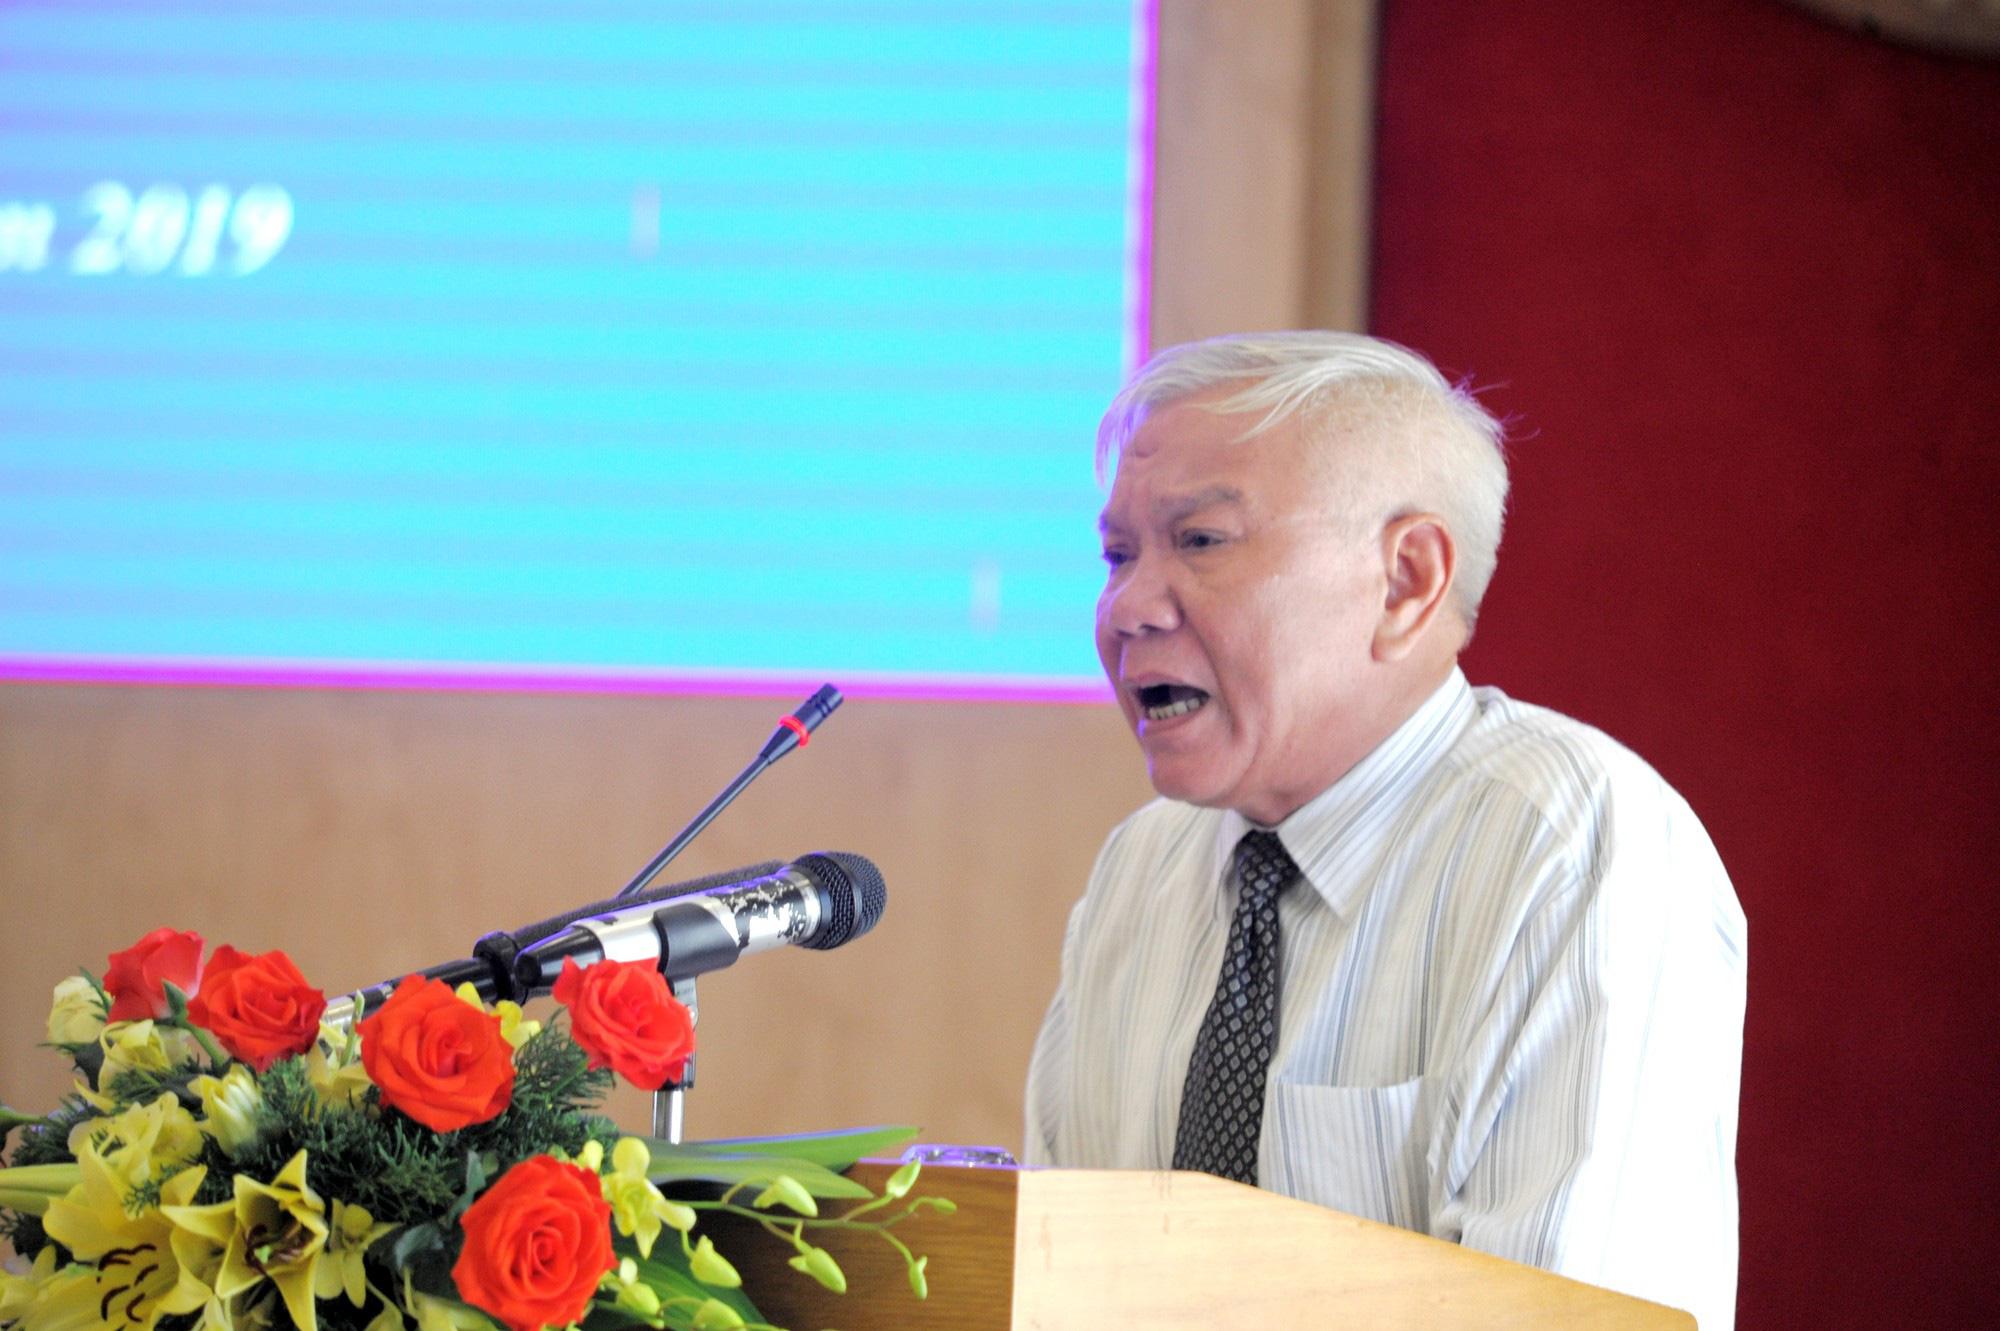 Sau kỷ luật cảnh cáo, Giám đốc Sở Xây dựng Khánh Hòa nghỉ hưu trước tuổi - Ảnh 1.